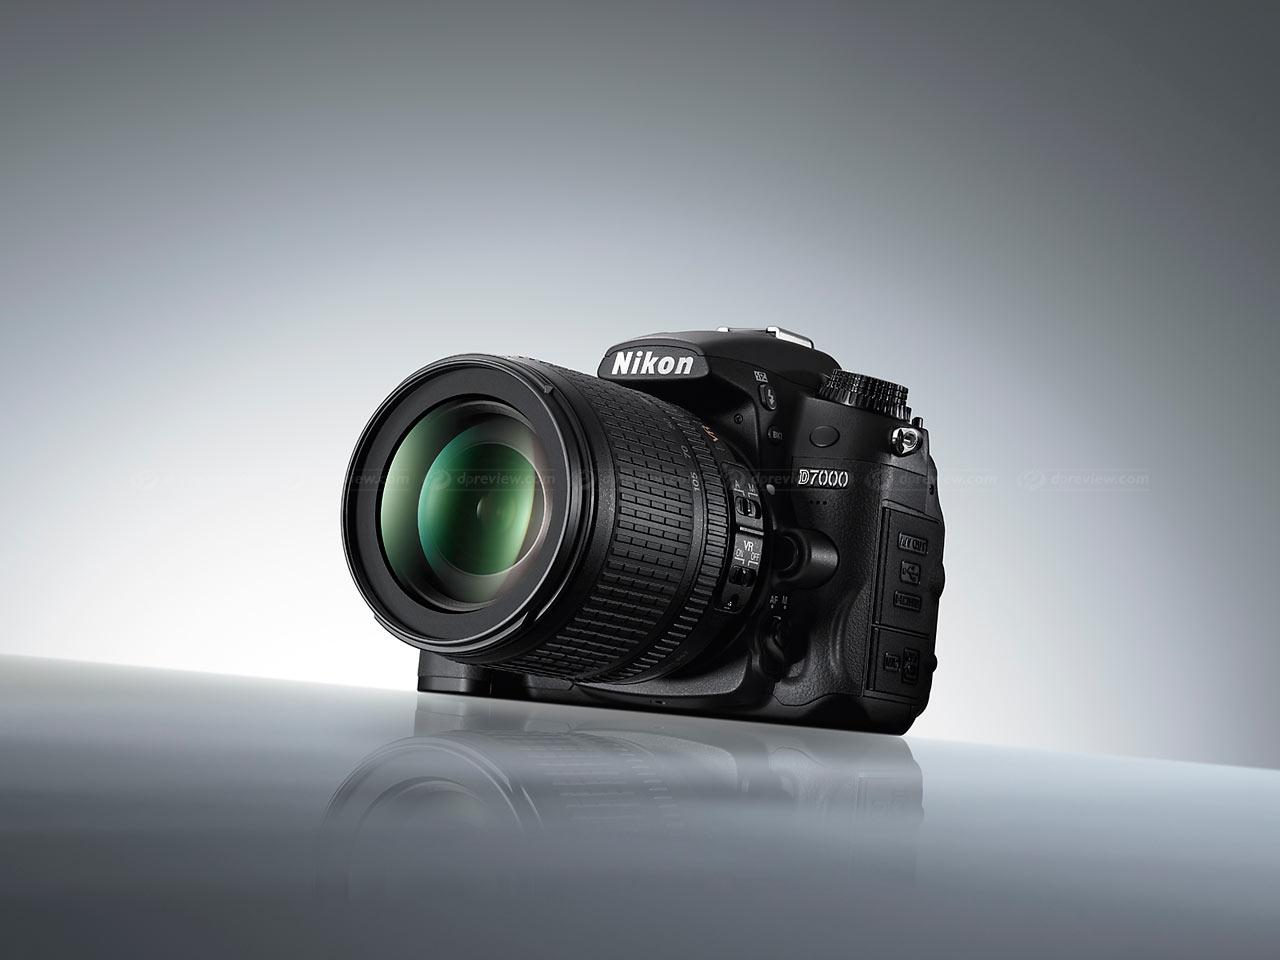 Nikon d7000 with 18-105vr kit lense | ClickBD large image 0